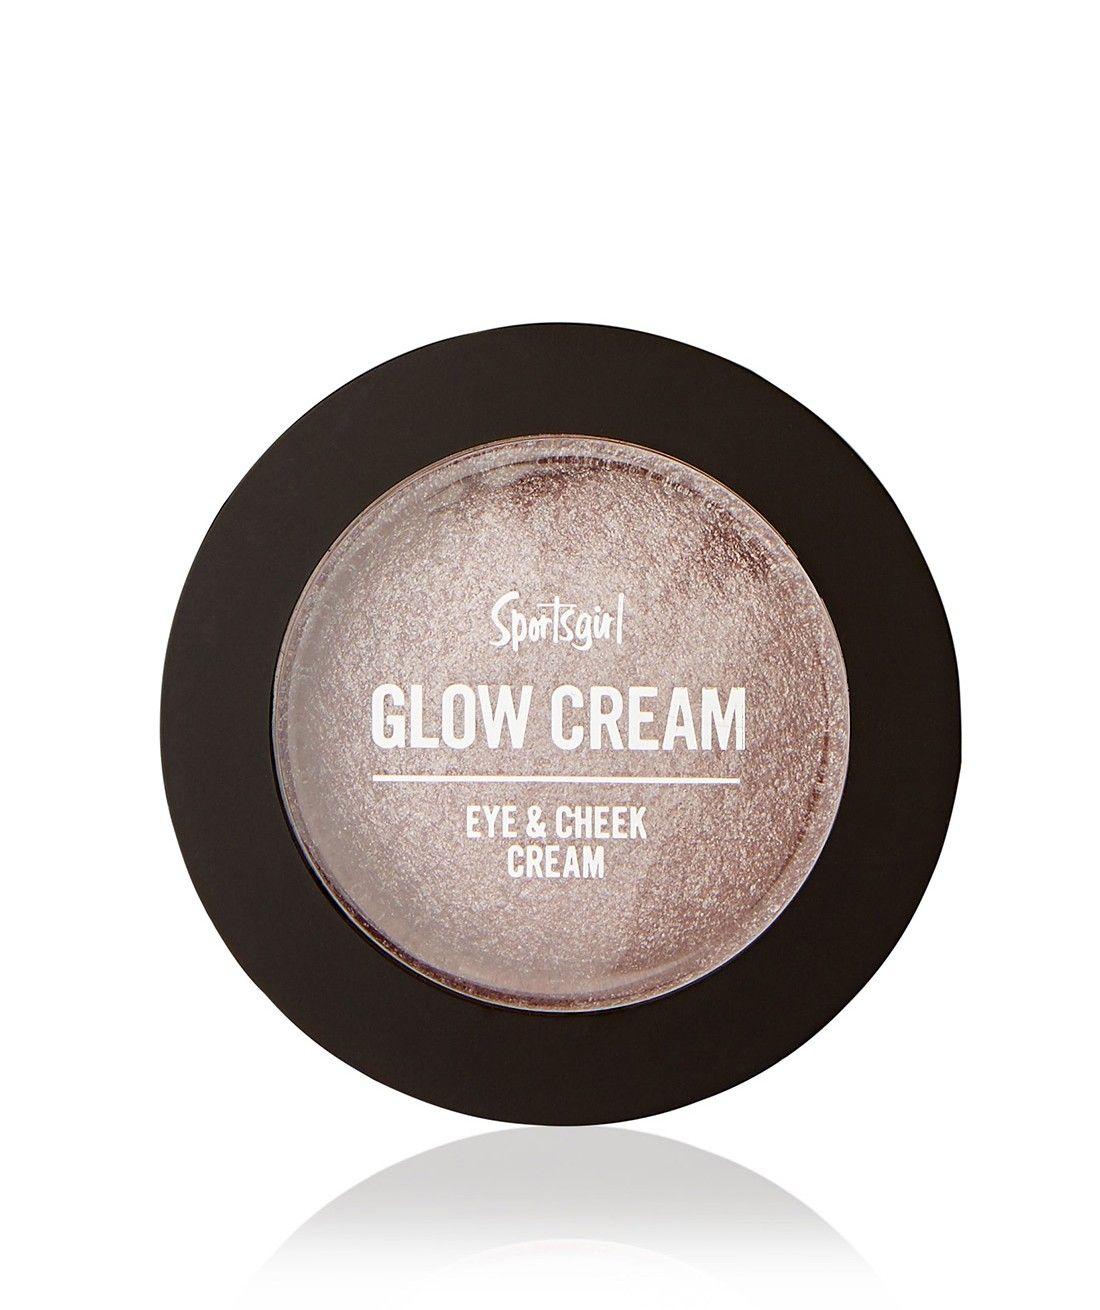 Sportsgirl Glow Cream Beauty, Beauty products online